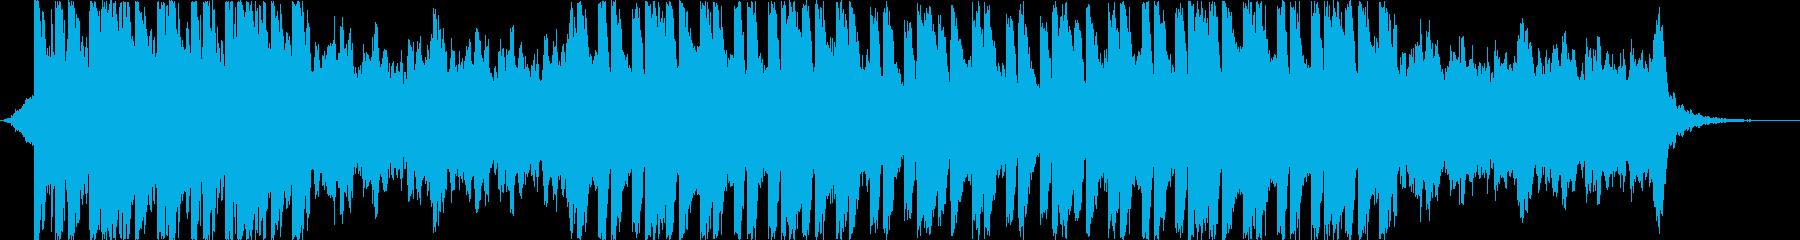 ビデオゲーム。エミネム。の再生済みの波形